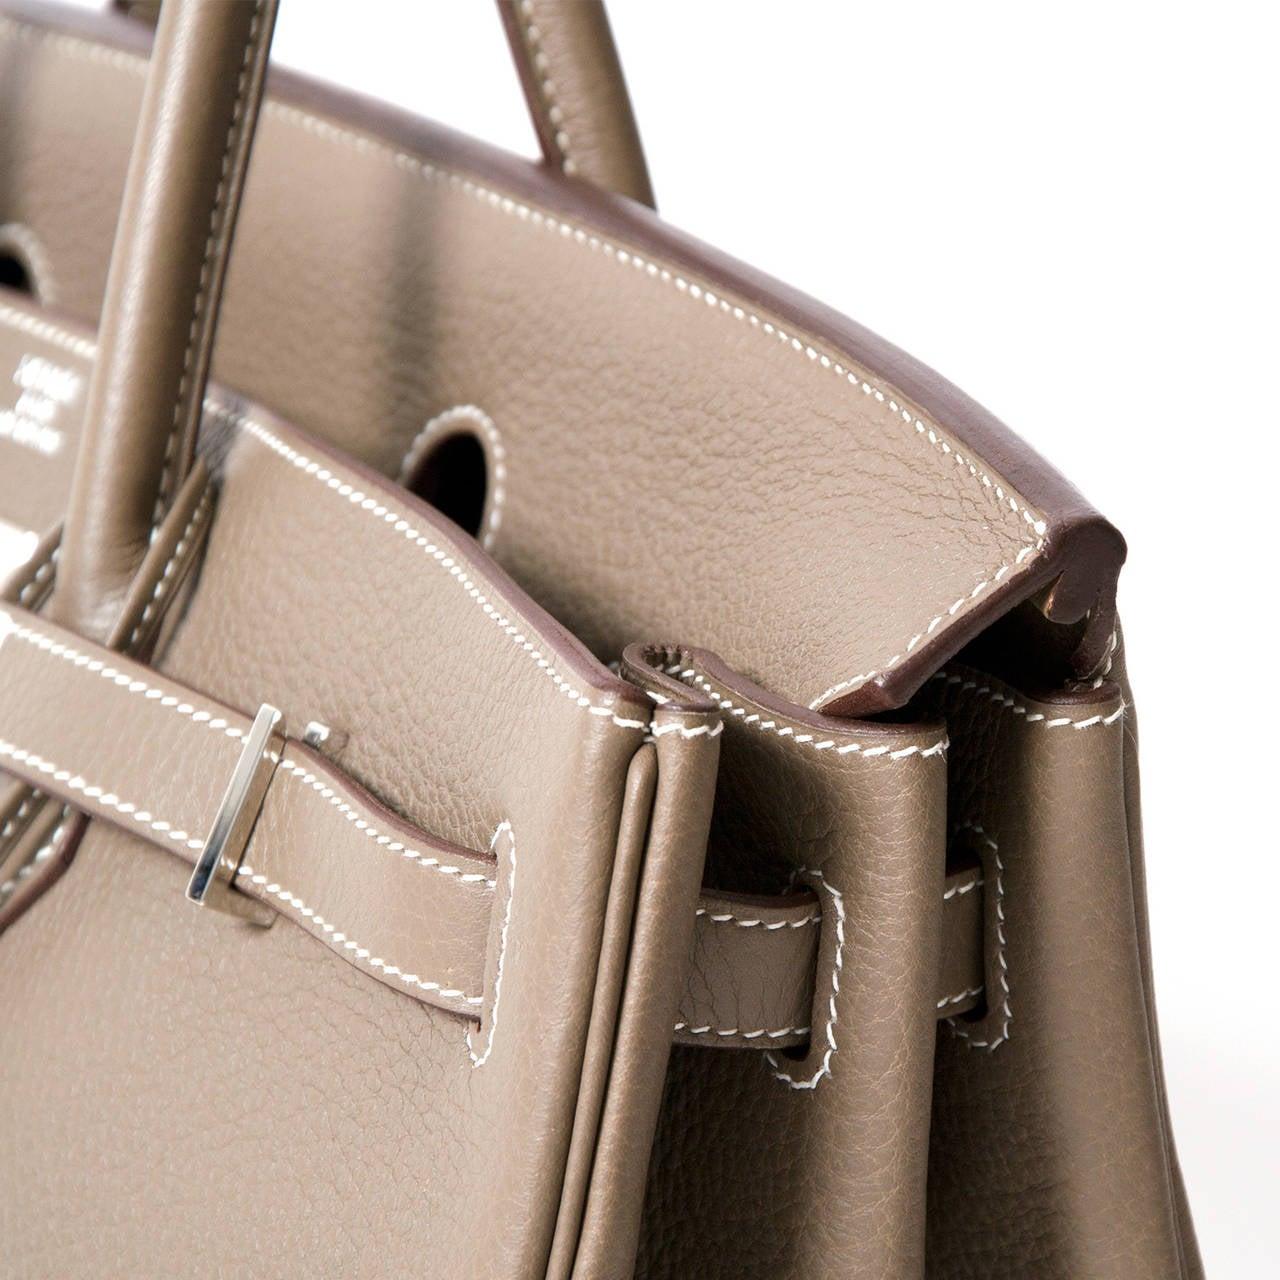 Hermès Birkin Bag 40cm Togo Etoupe Grey PHW 7